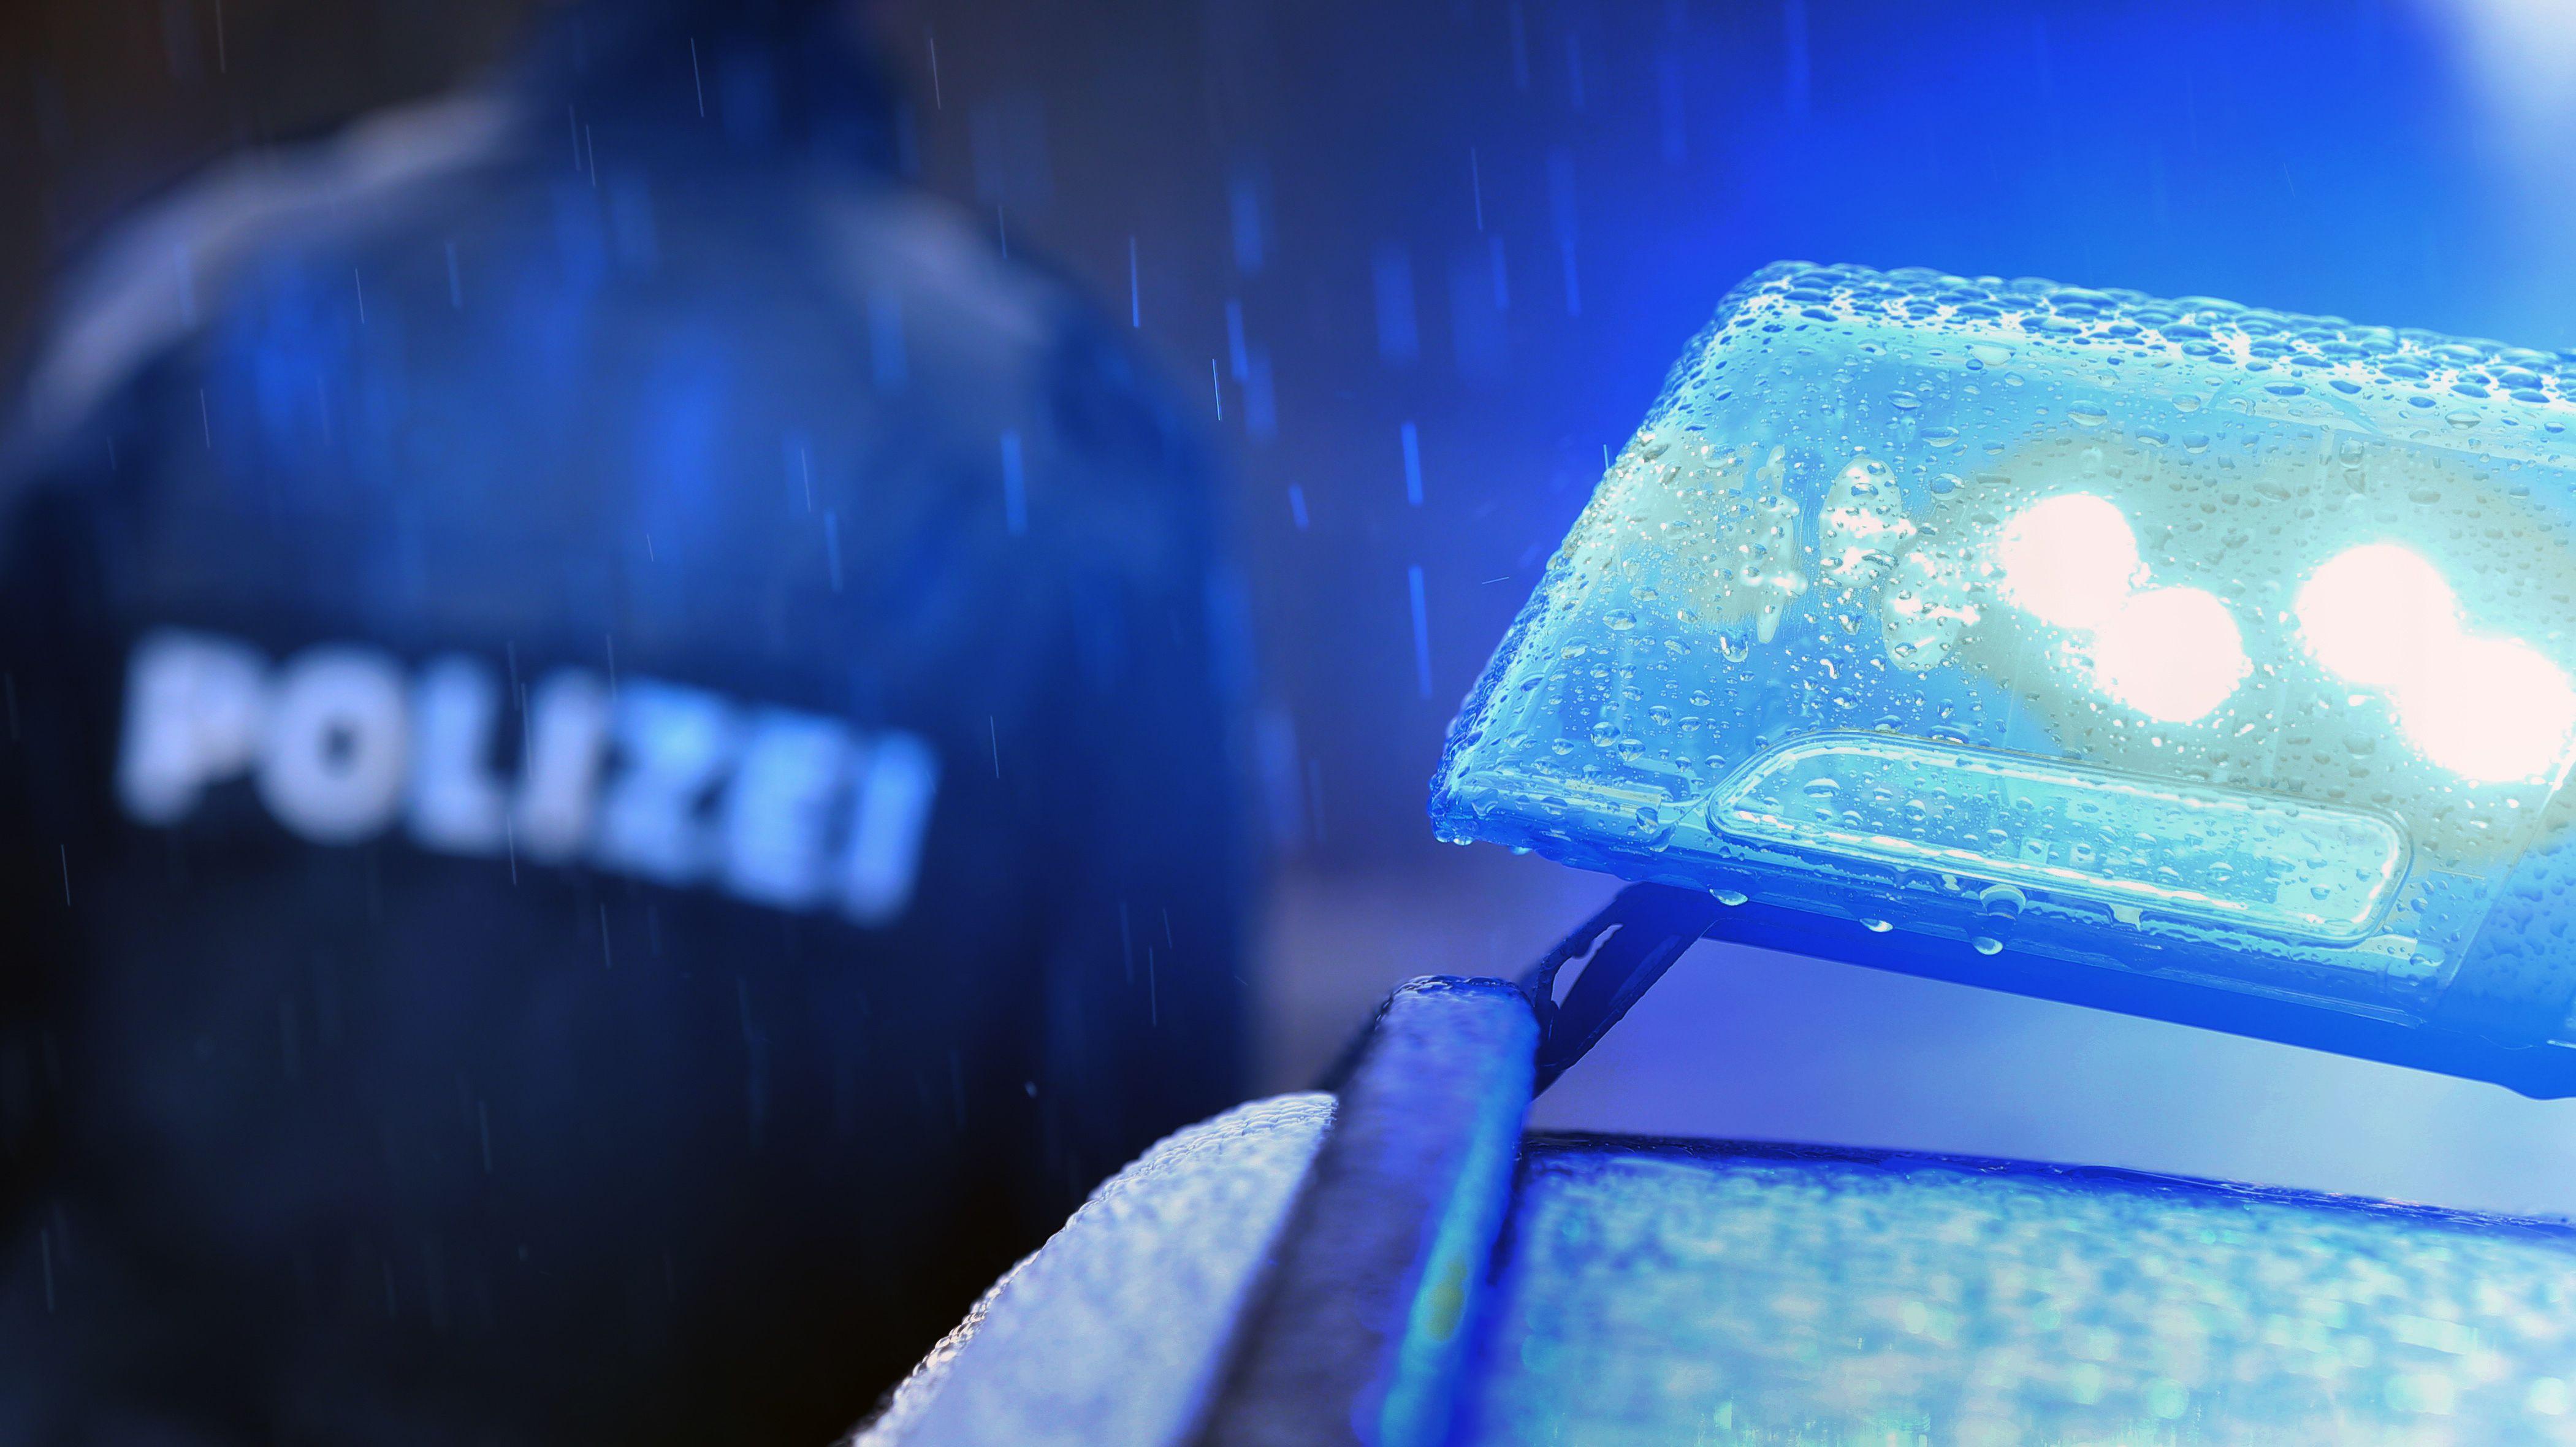 Polizei-Blaulicht (Symbolbild).